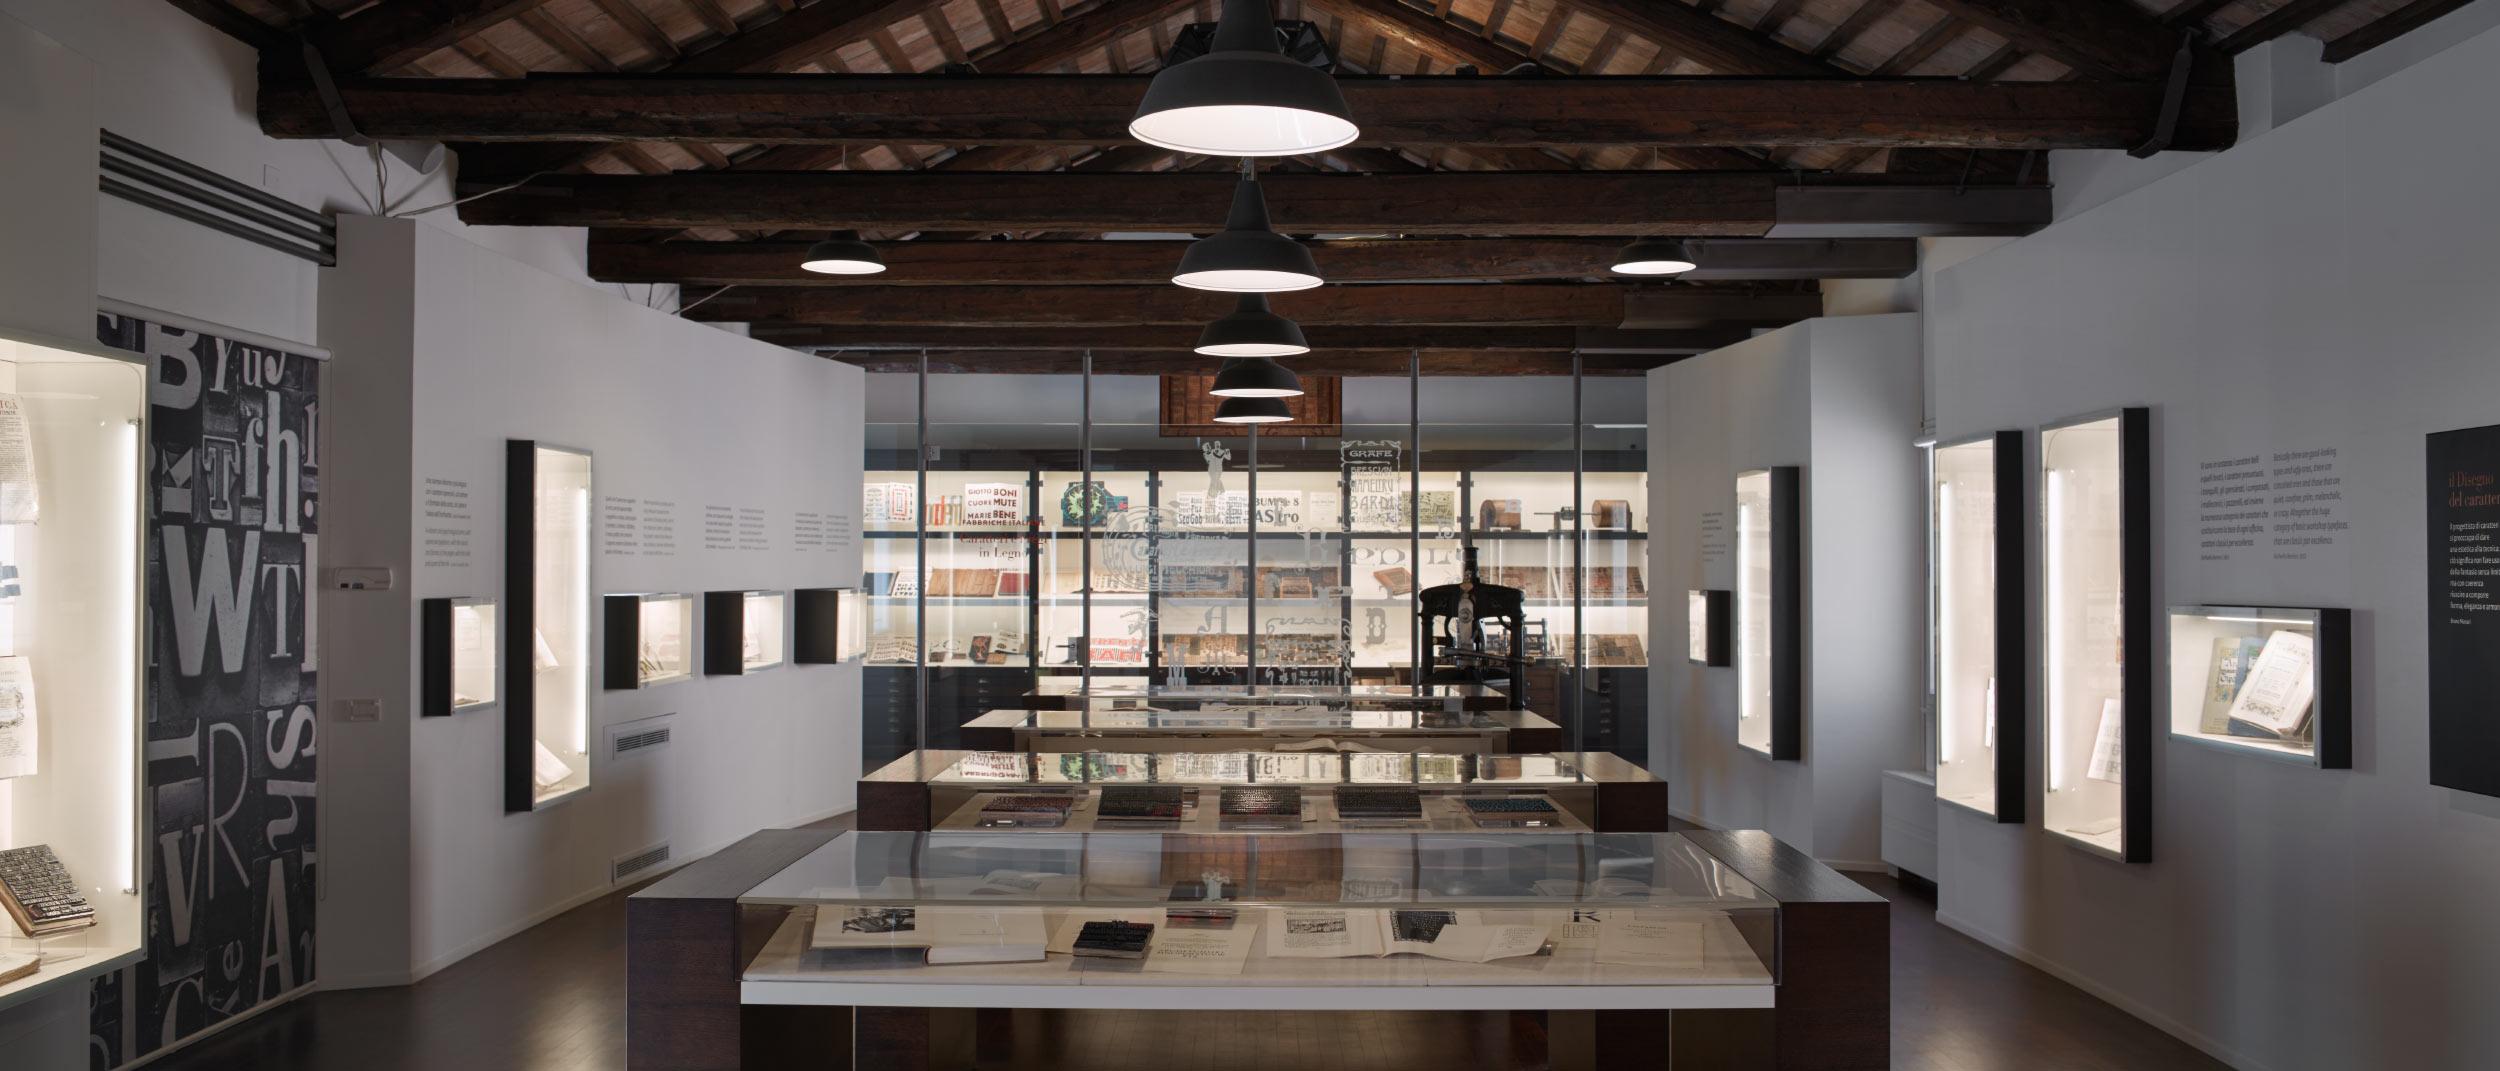 giuliofavotto_tipoteca_museo_08